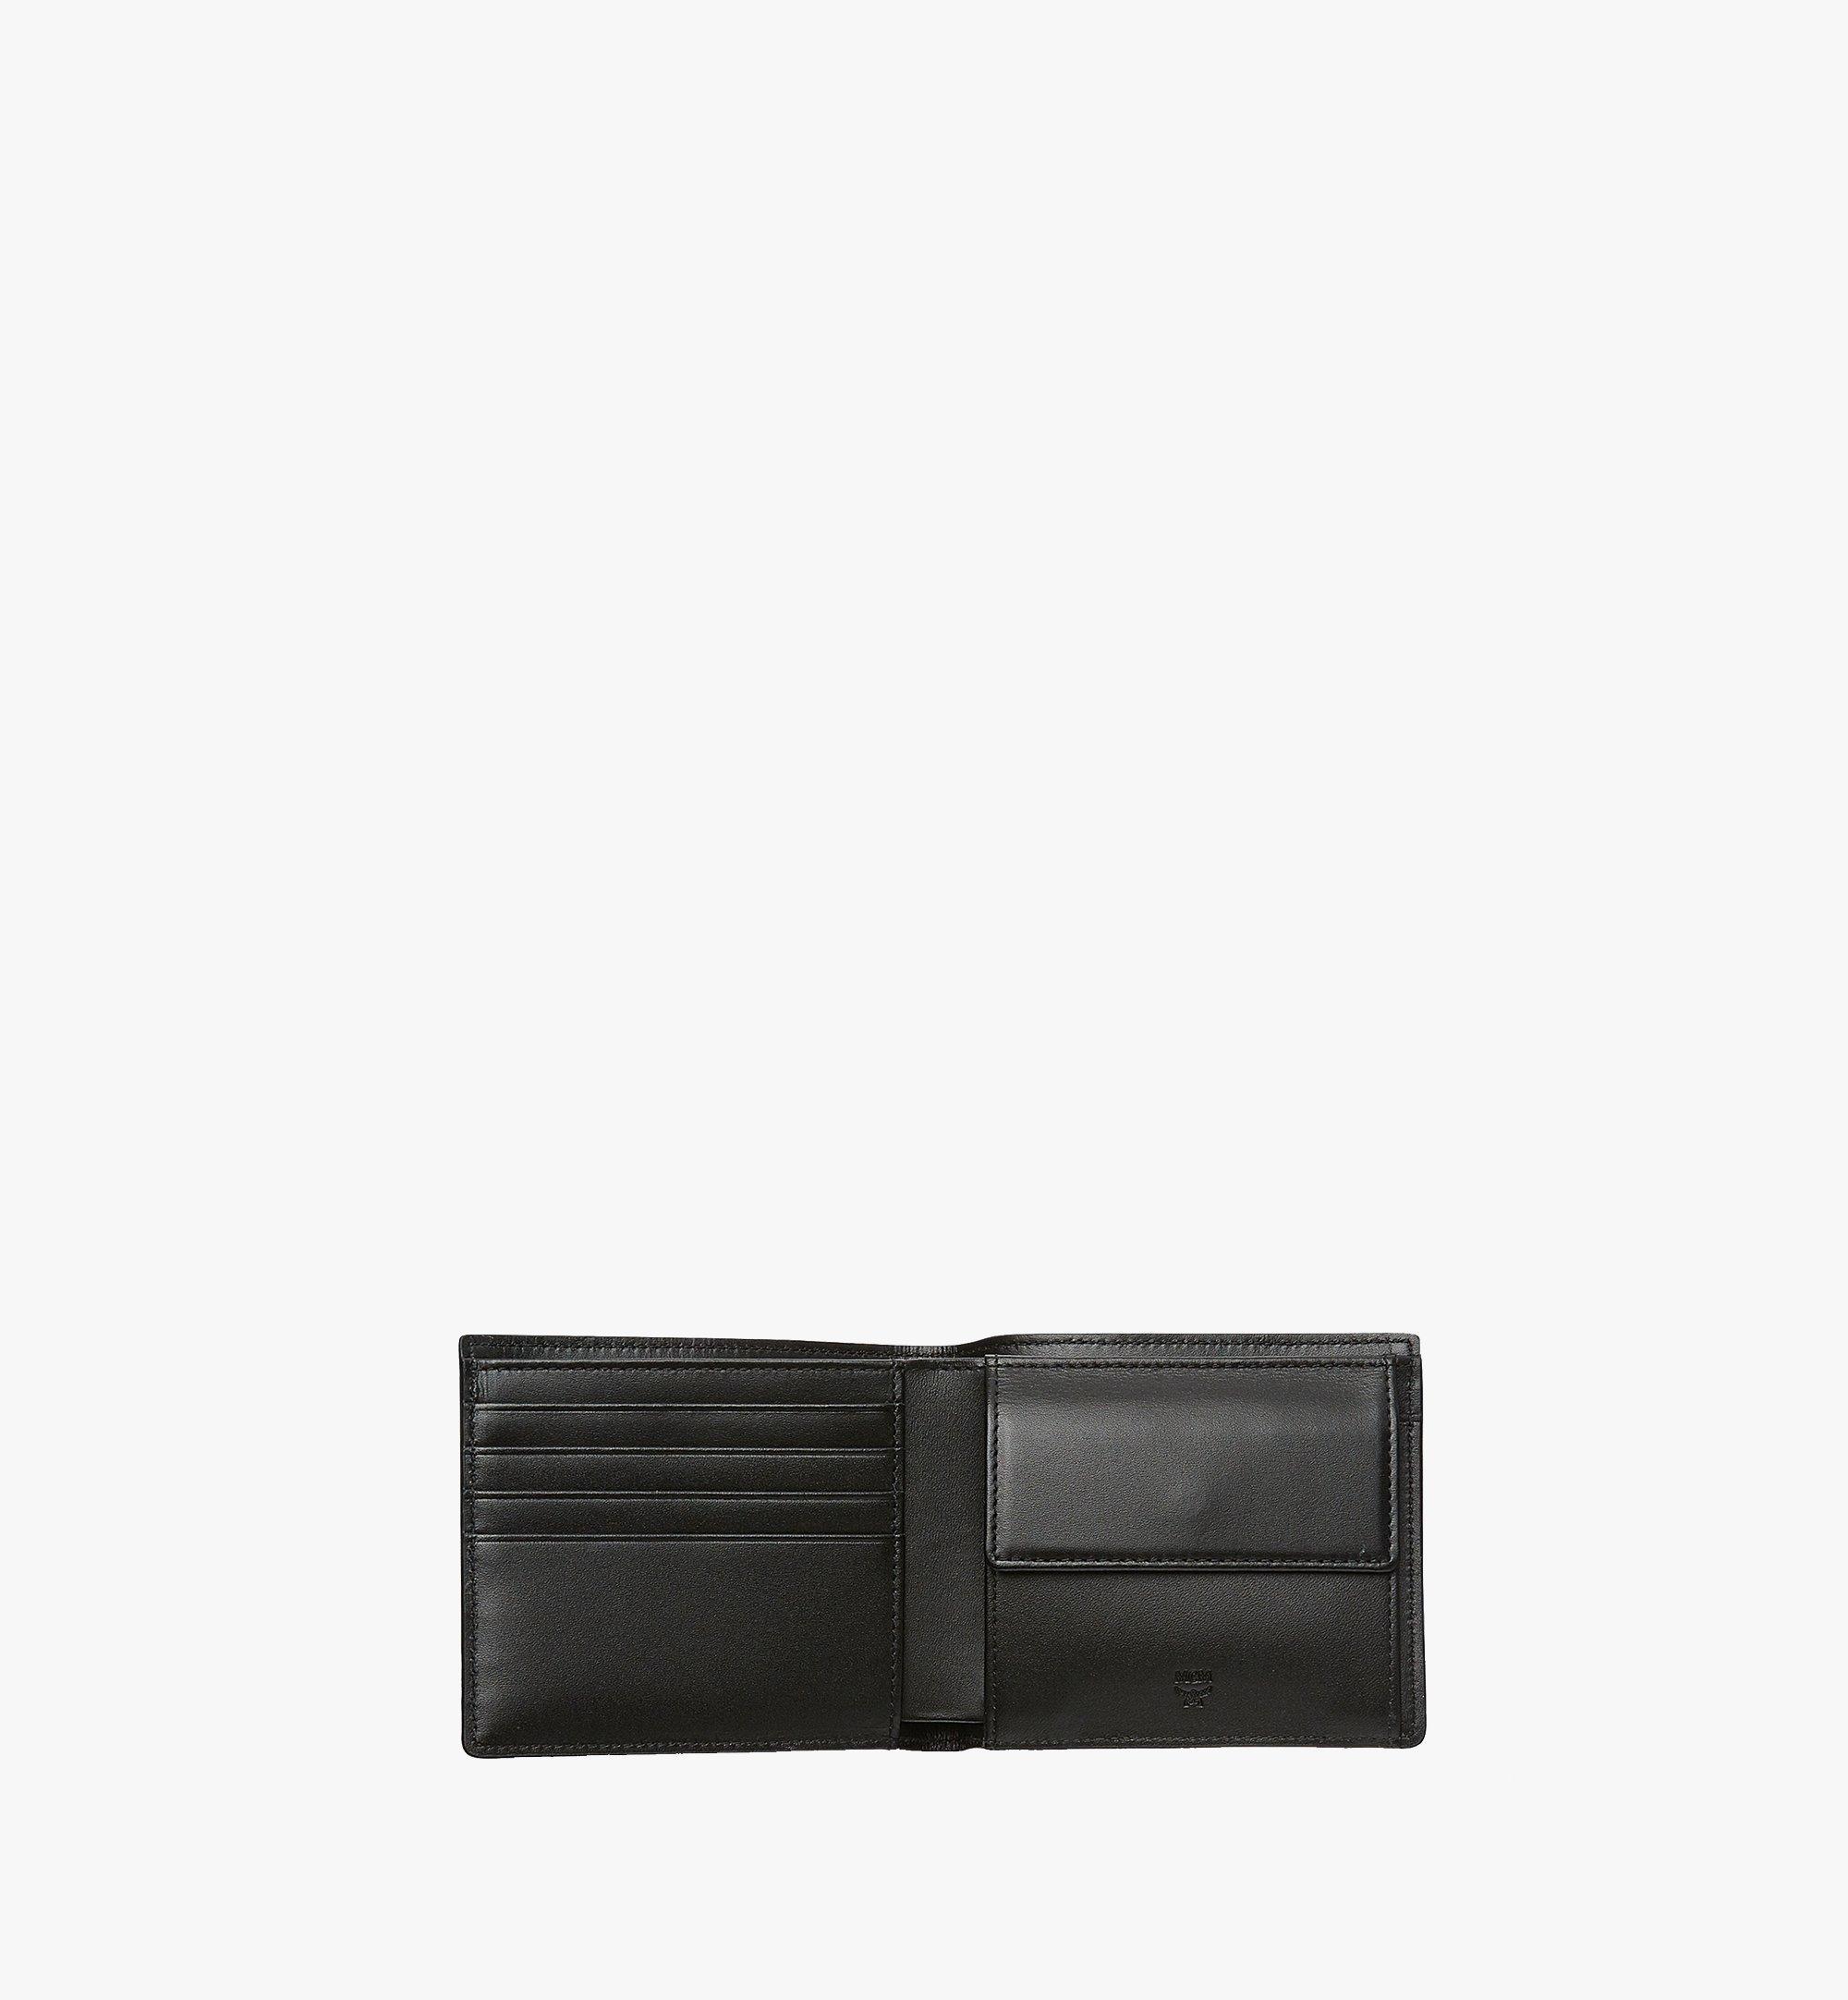 MCM Original gefaltete Brieftasche in Visetos Black MXS8SVI66BK001 Alternate View 4